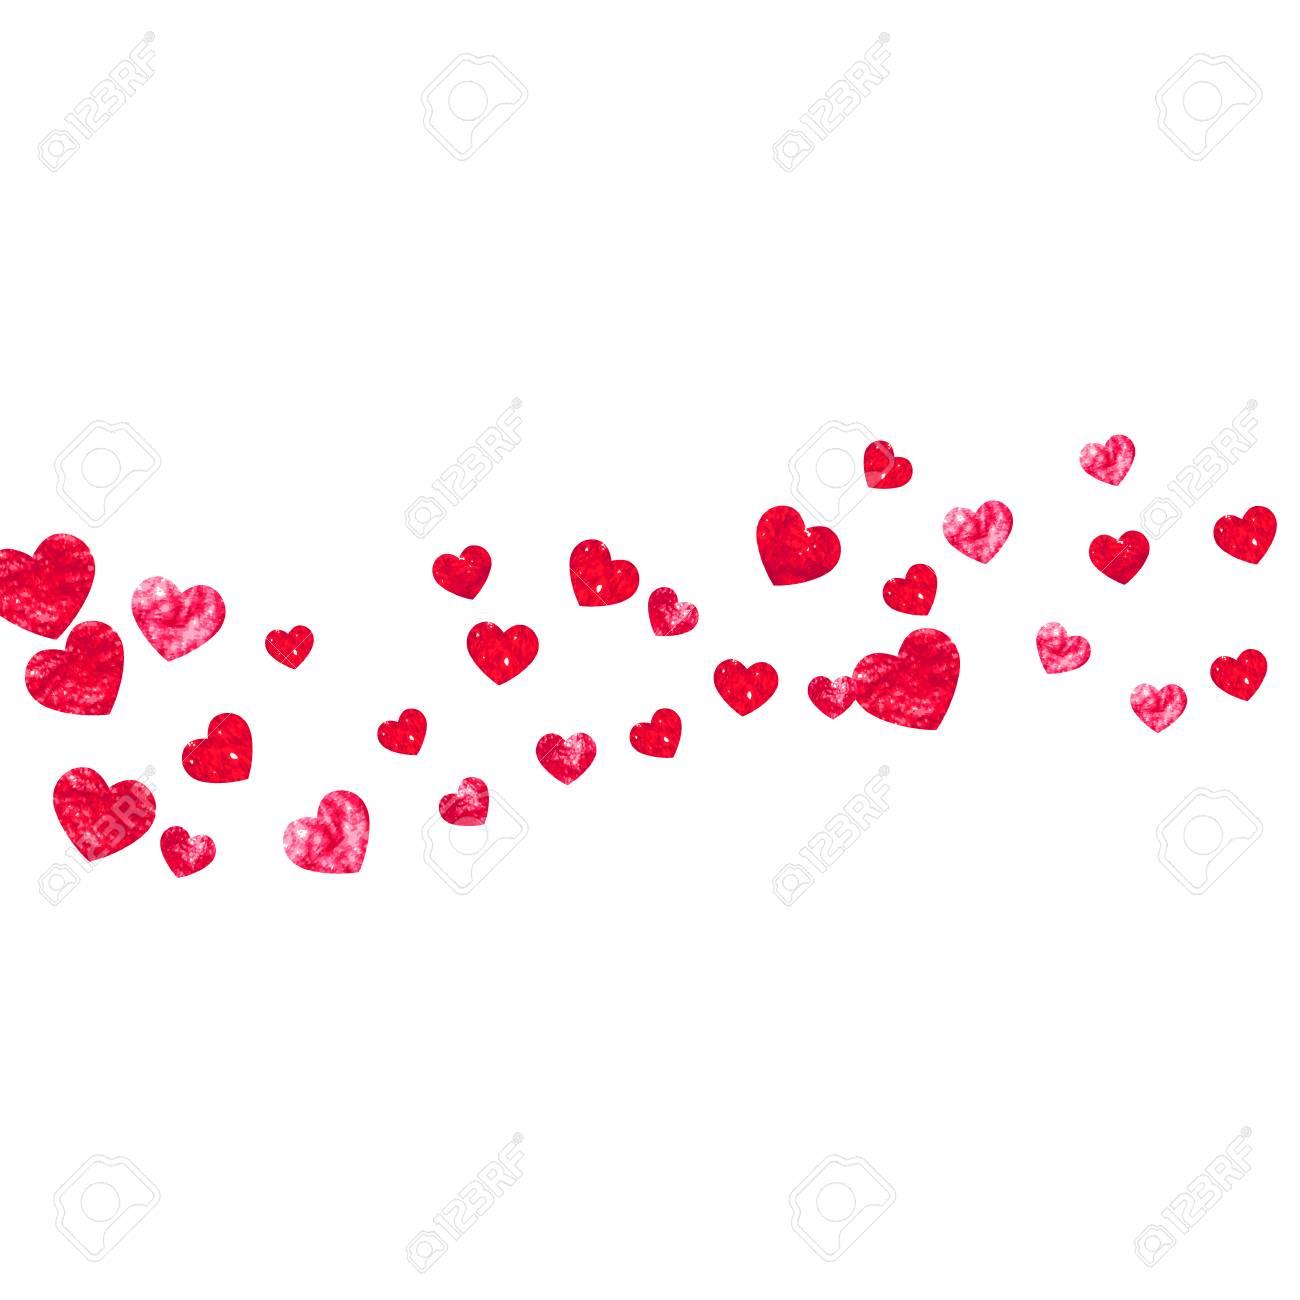 Valentinstag Grenze Mit Roten Glitzer Herzen. 14. Februar Tag ...